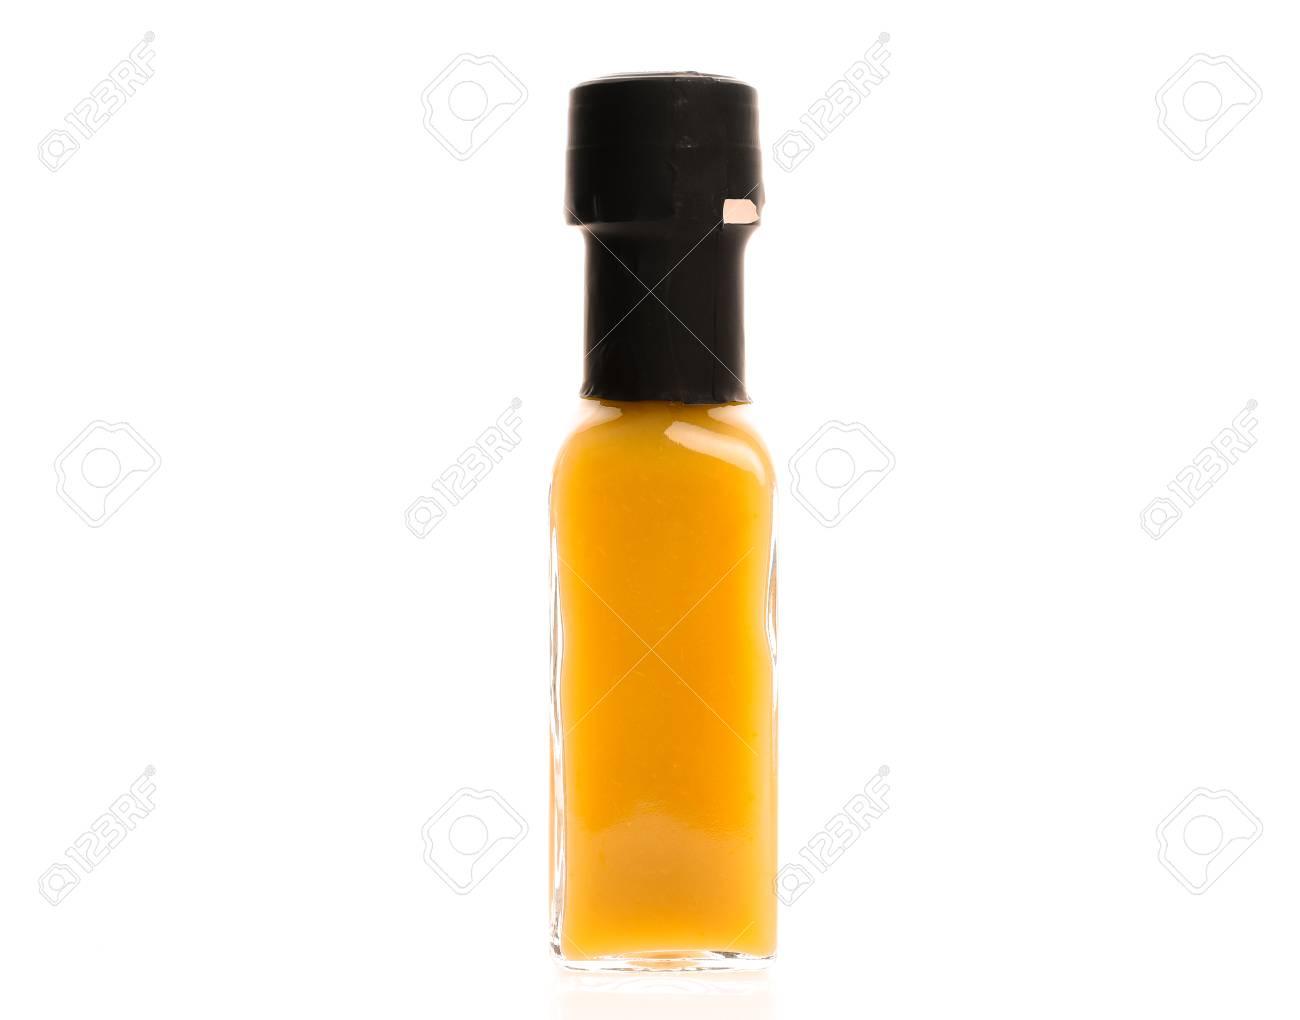 Heiße Chilisoße-Glasflasche Auf Weißem Hintergrund. Hausgemachte ...